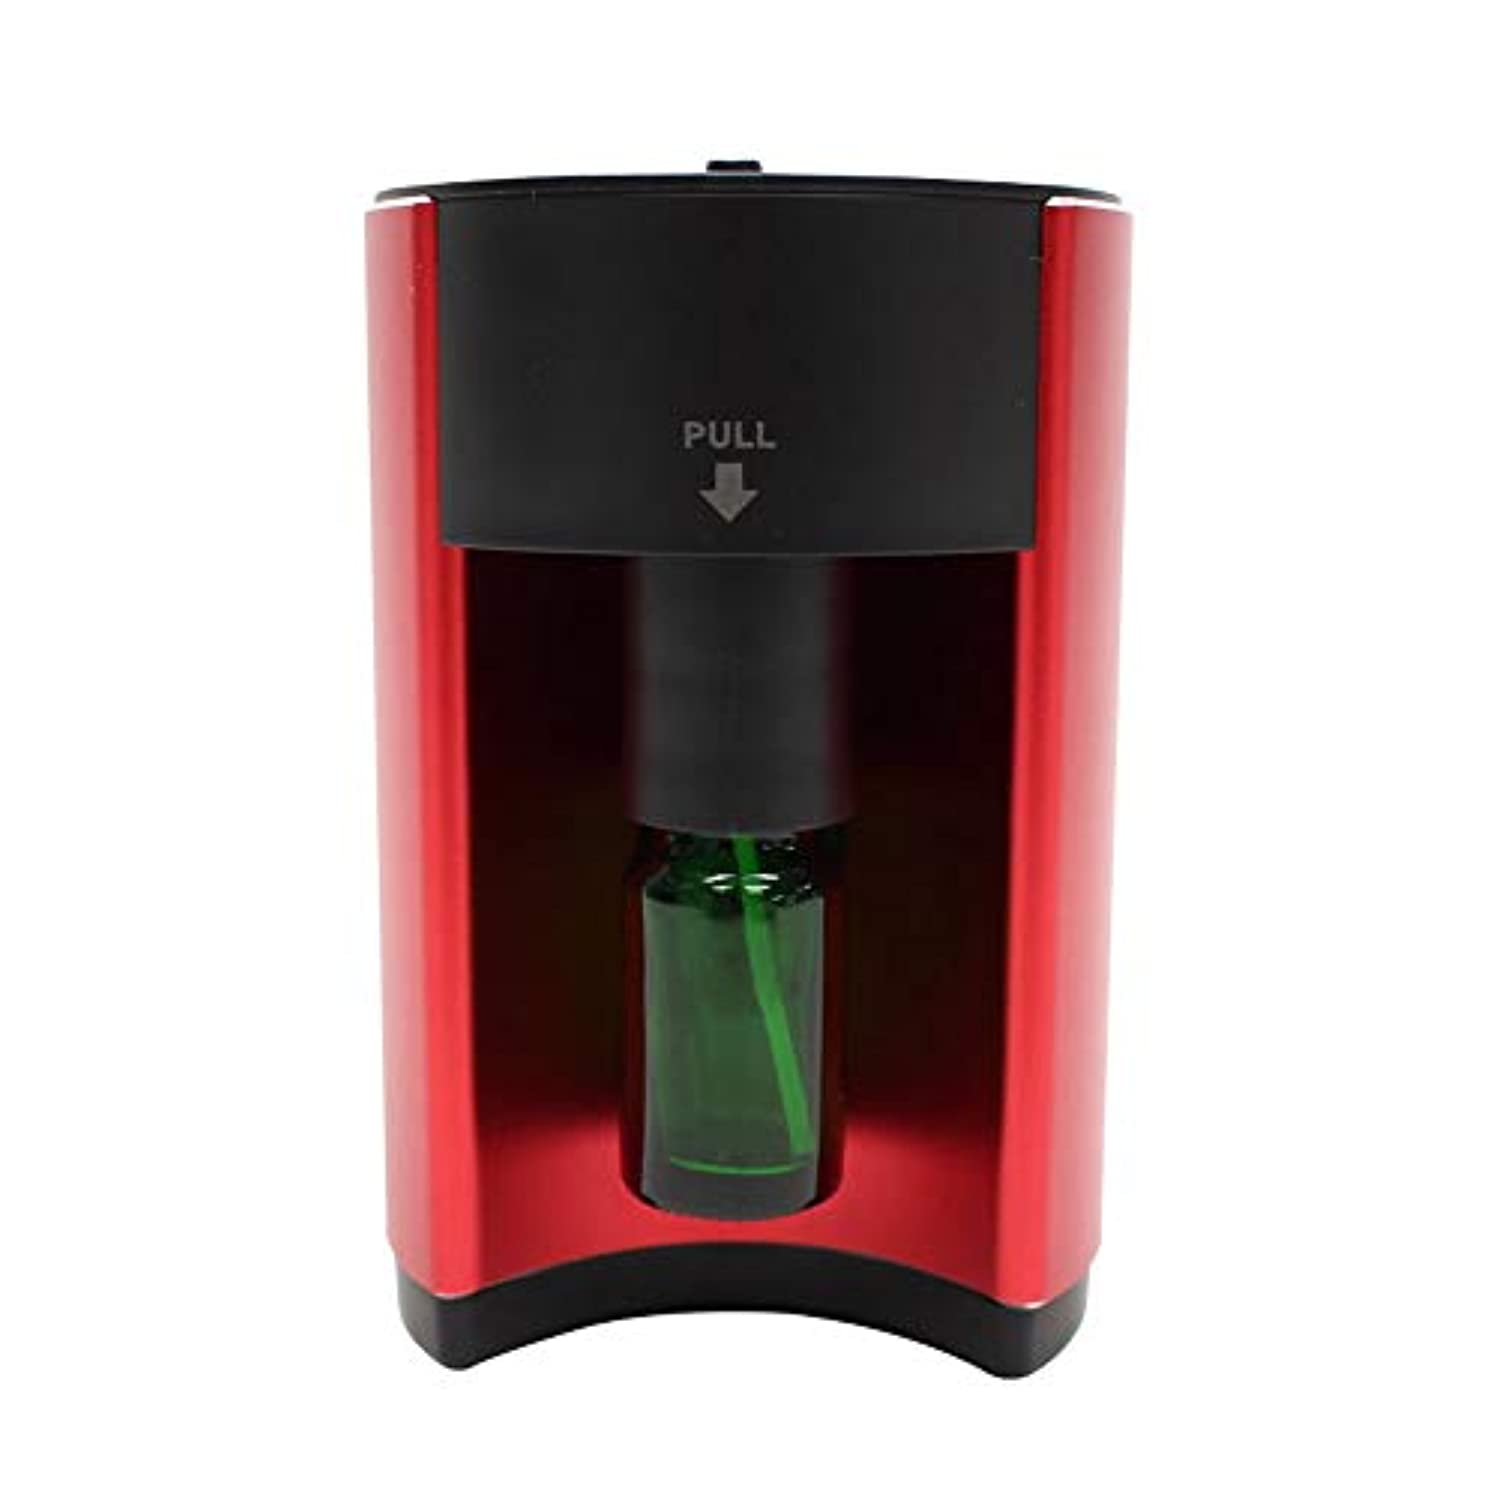 フェザー銃迫害アロマディフューザー 香り 癒し 噴霧式 自動停止 水を使わない 16段階モード設定 ECOモード搭載 ネブライザー式 コンパクト AC電源式 レッド